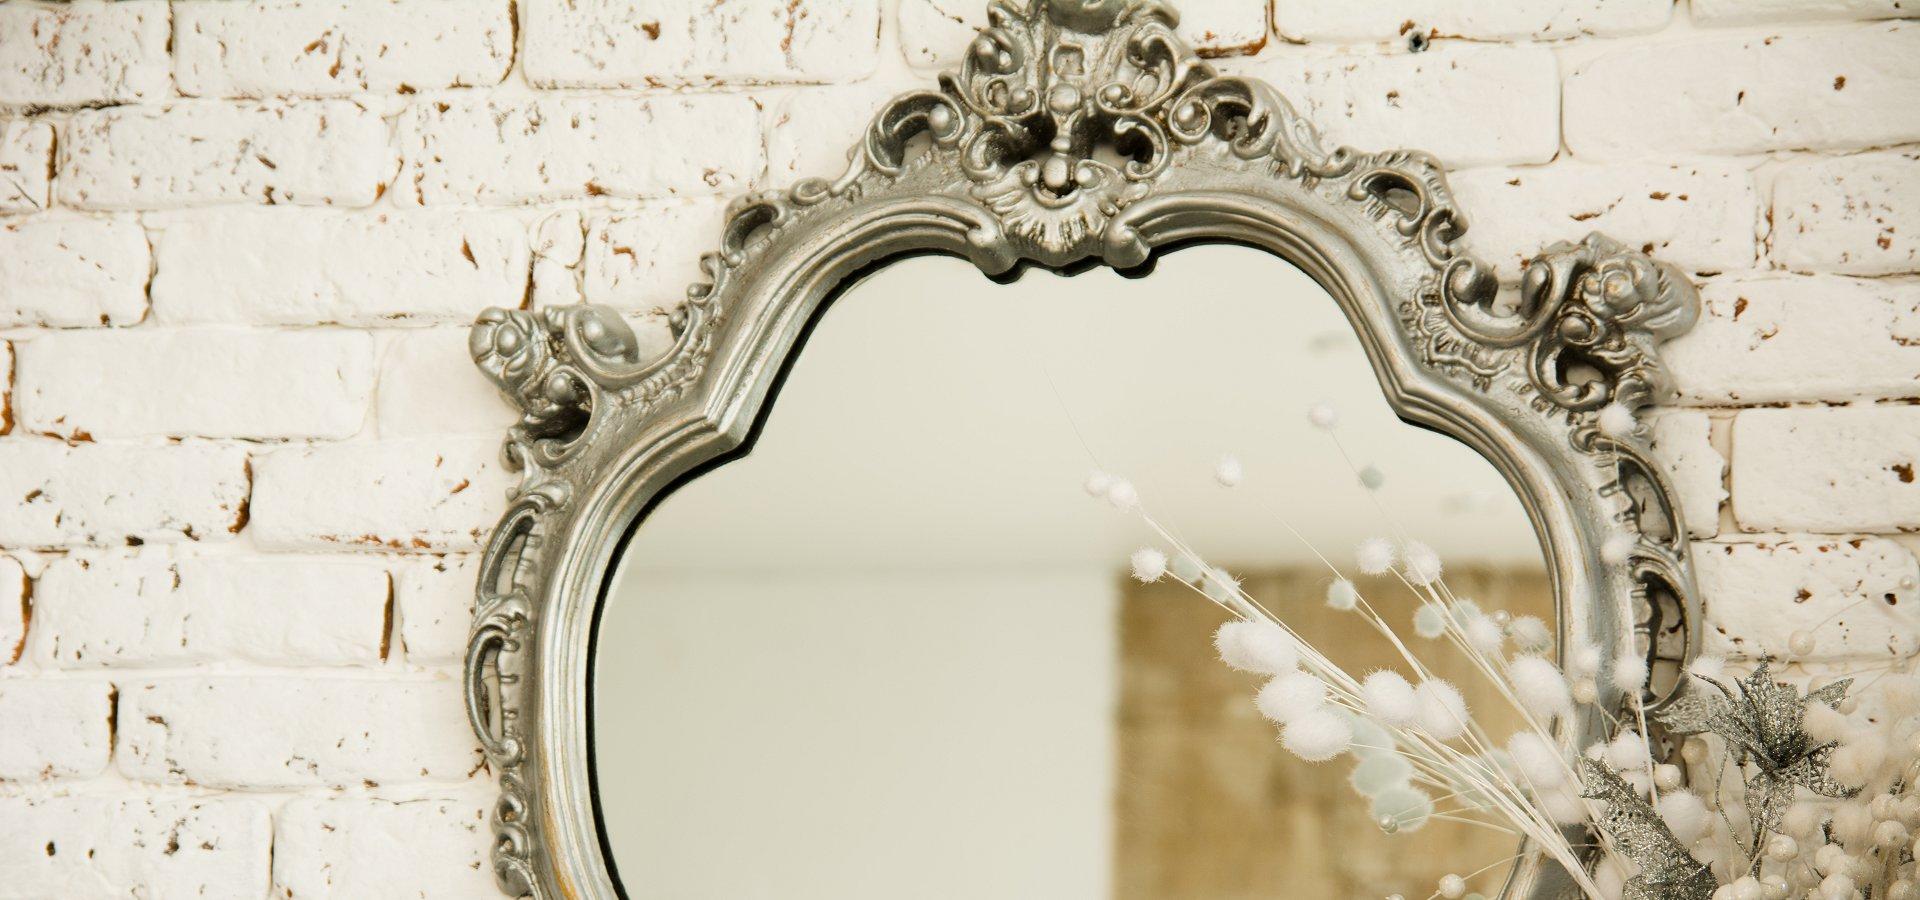 Antique Mirrors 617 338 6038